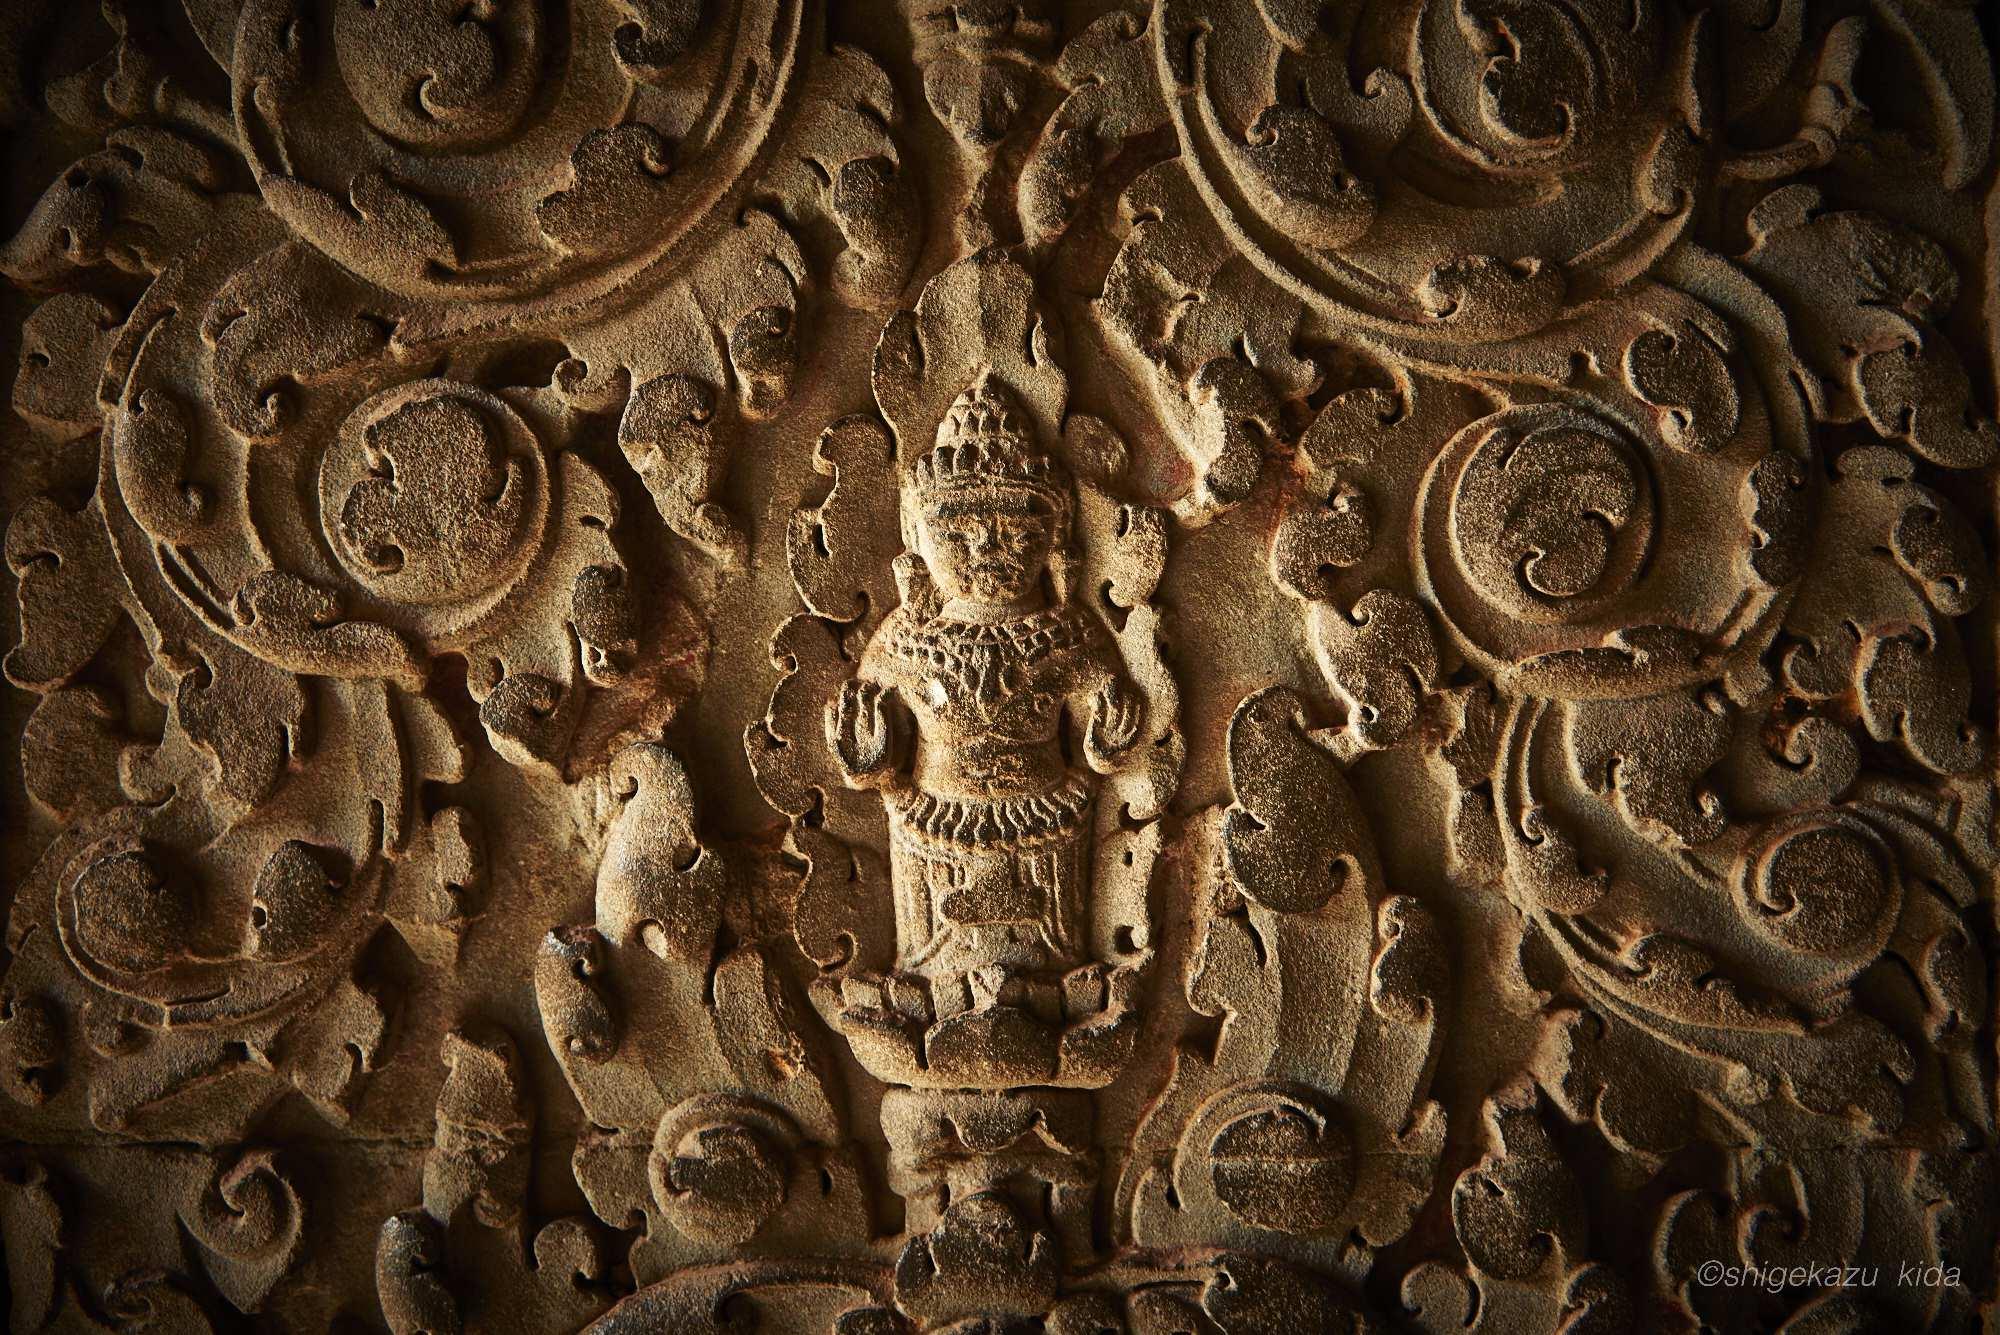 Angkor(アンコール)遺跡群にあるAngkorWat(アンコール・ワット)のレリーフ